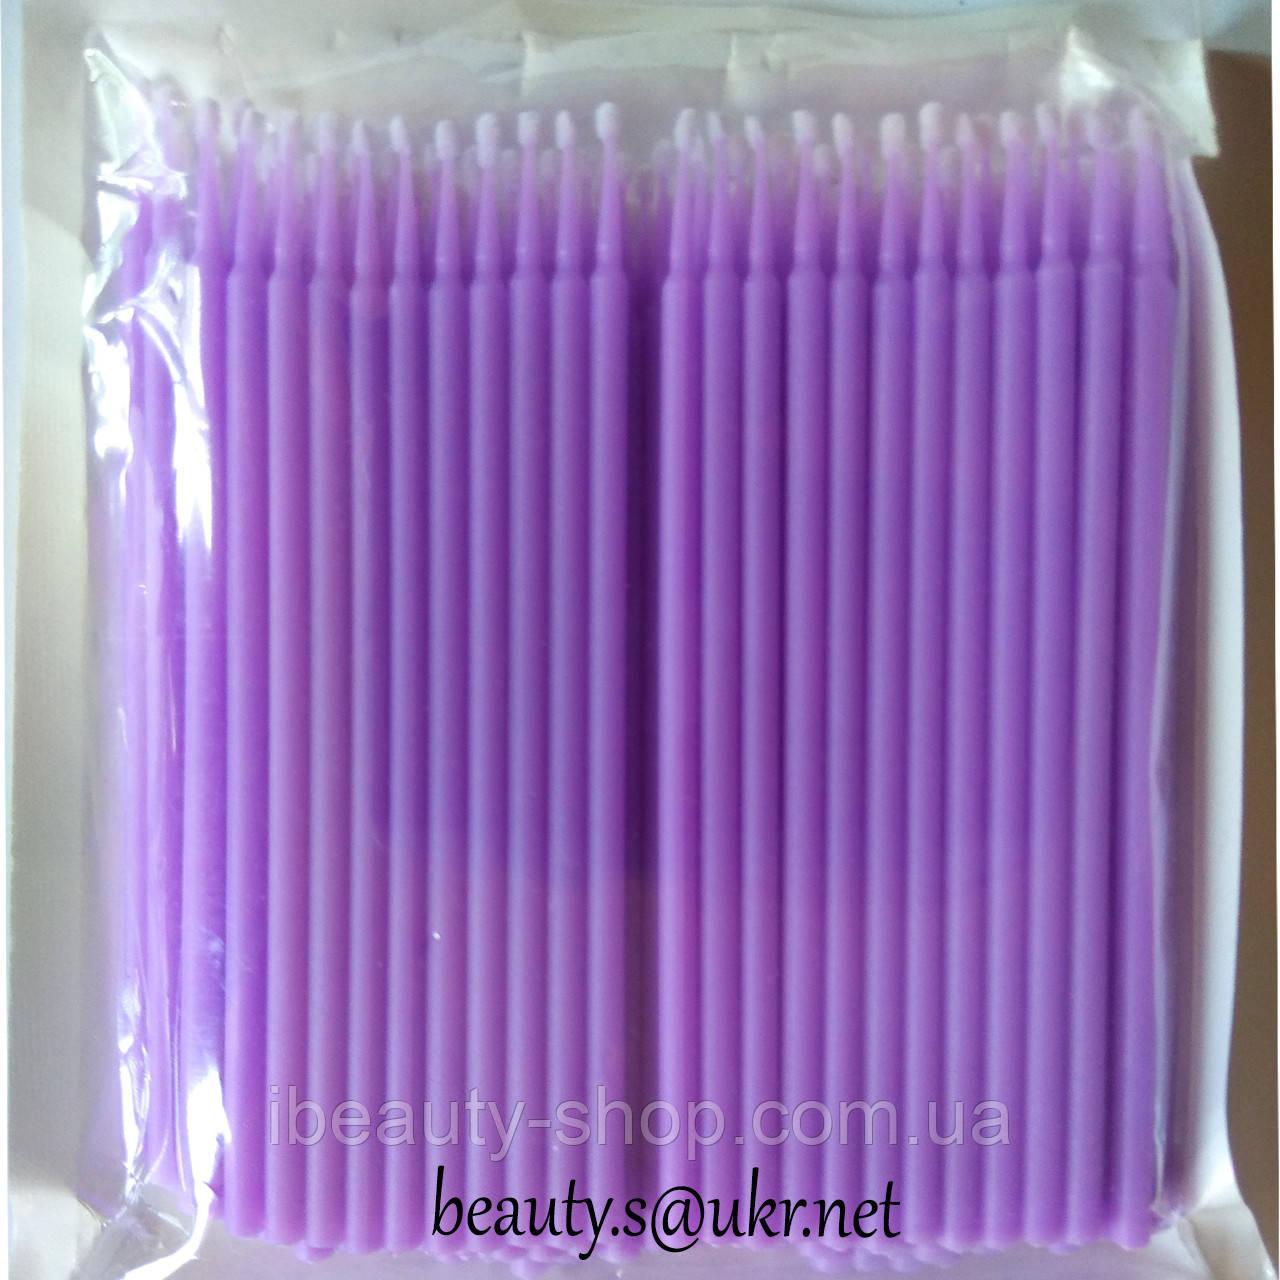 Микробраши, фиолетовые,100 шт, 2 мм, мягкая упаковка.